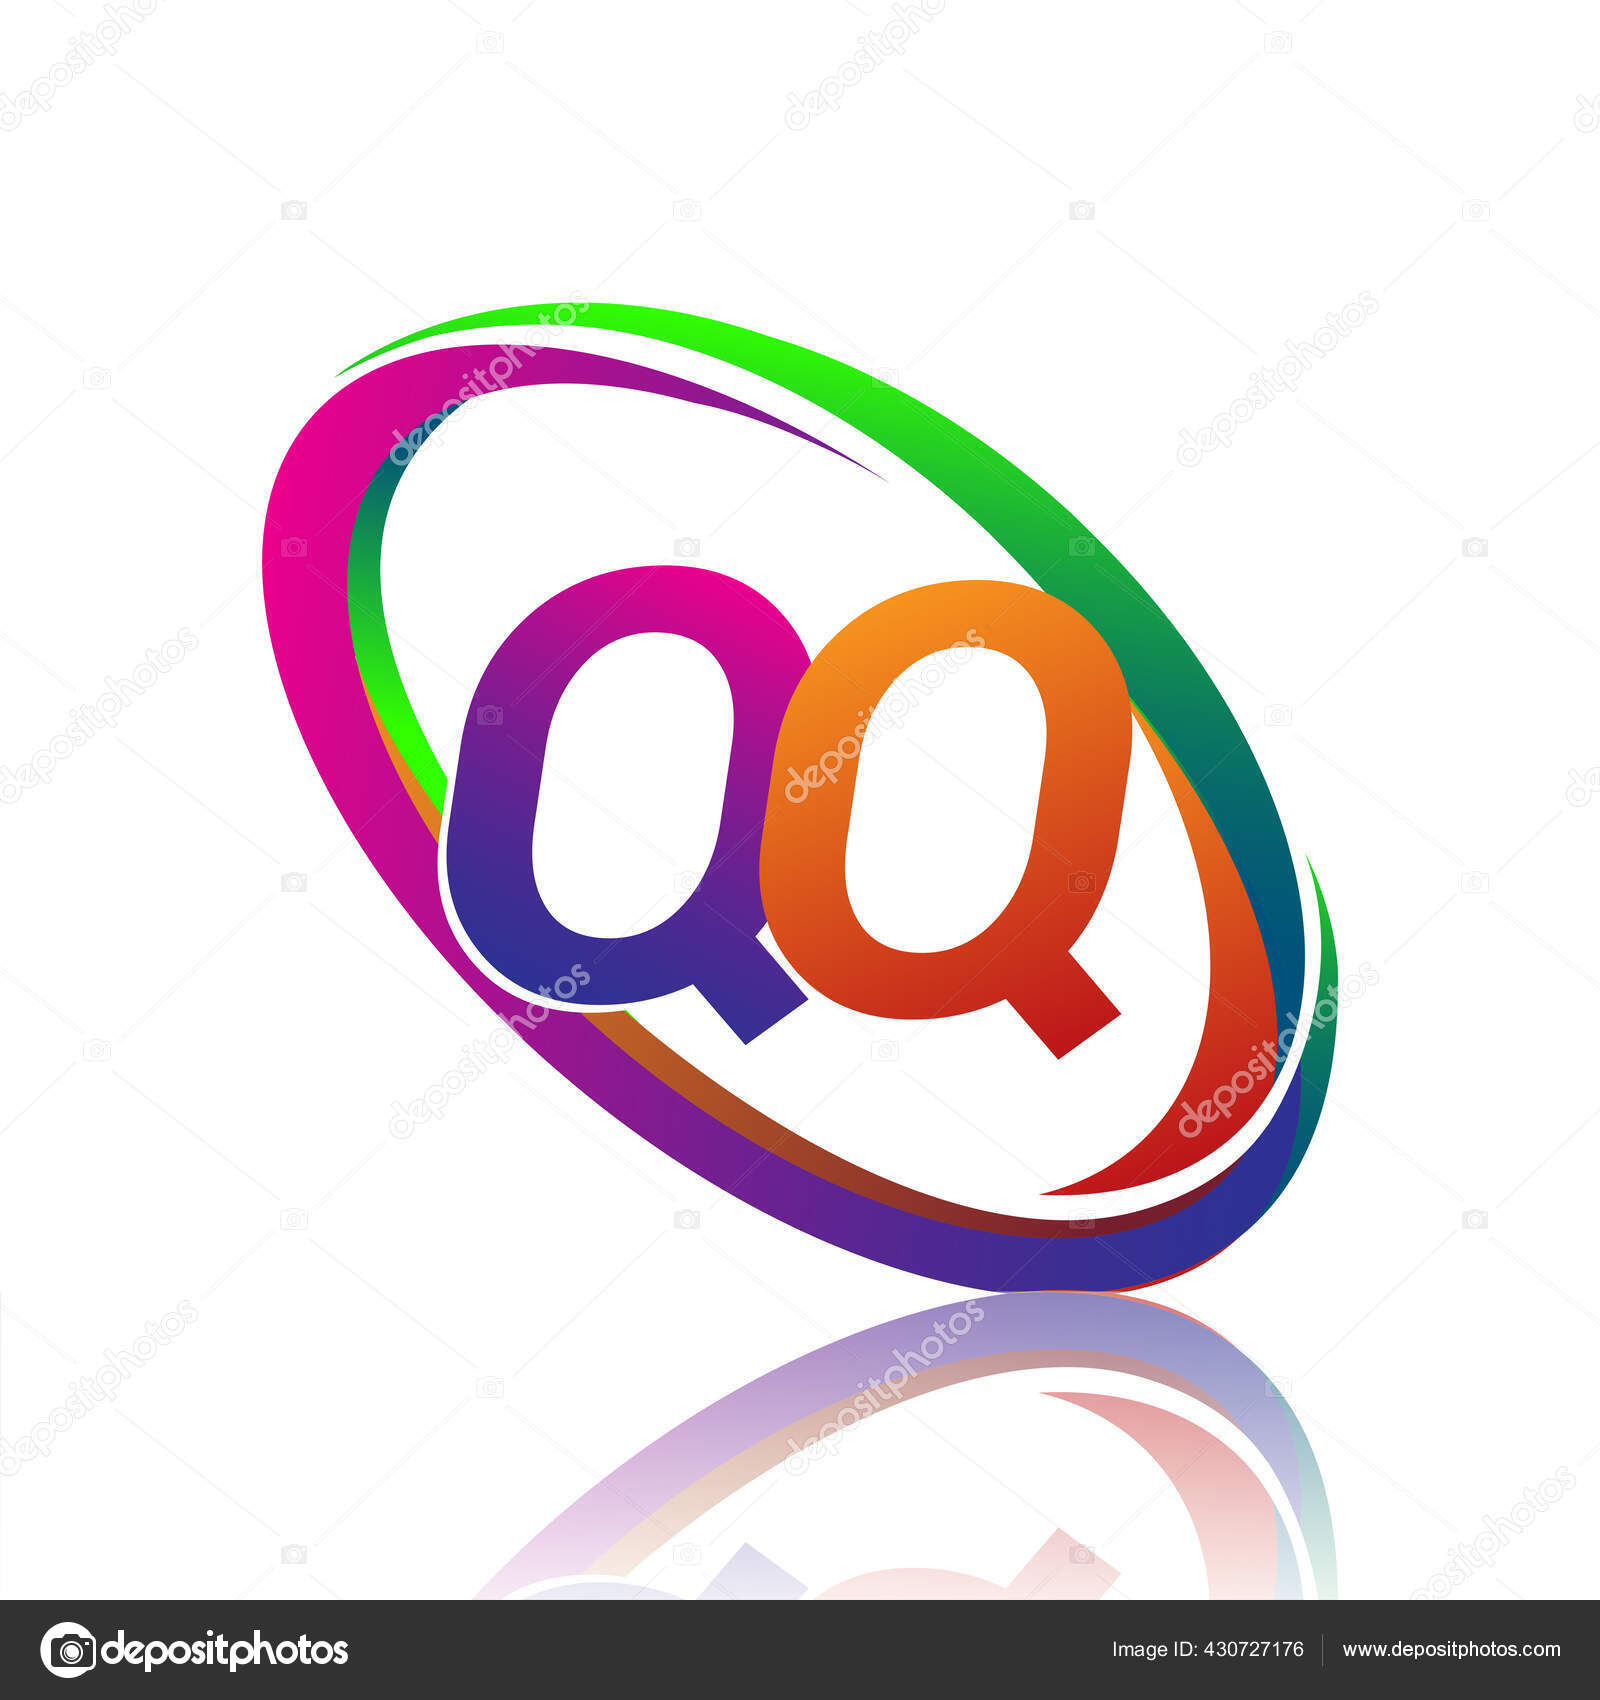 Huruf Desain Logotype Untuk Nama Perusahaan Swoosh Berwarna Logo Vektor Stok Vektor C Wikagrahic 430727176